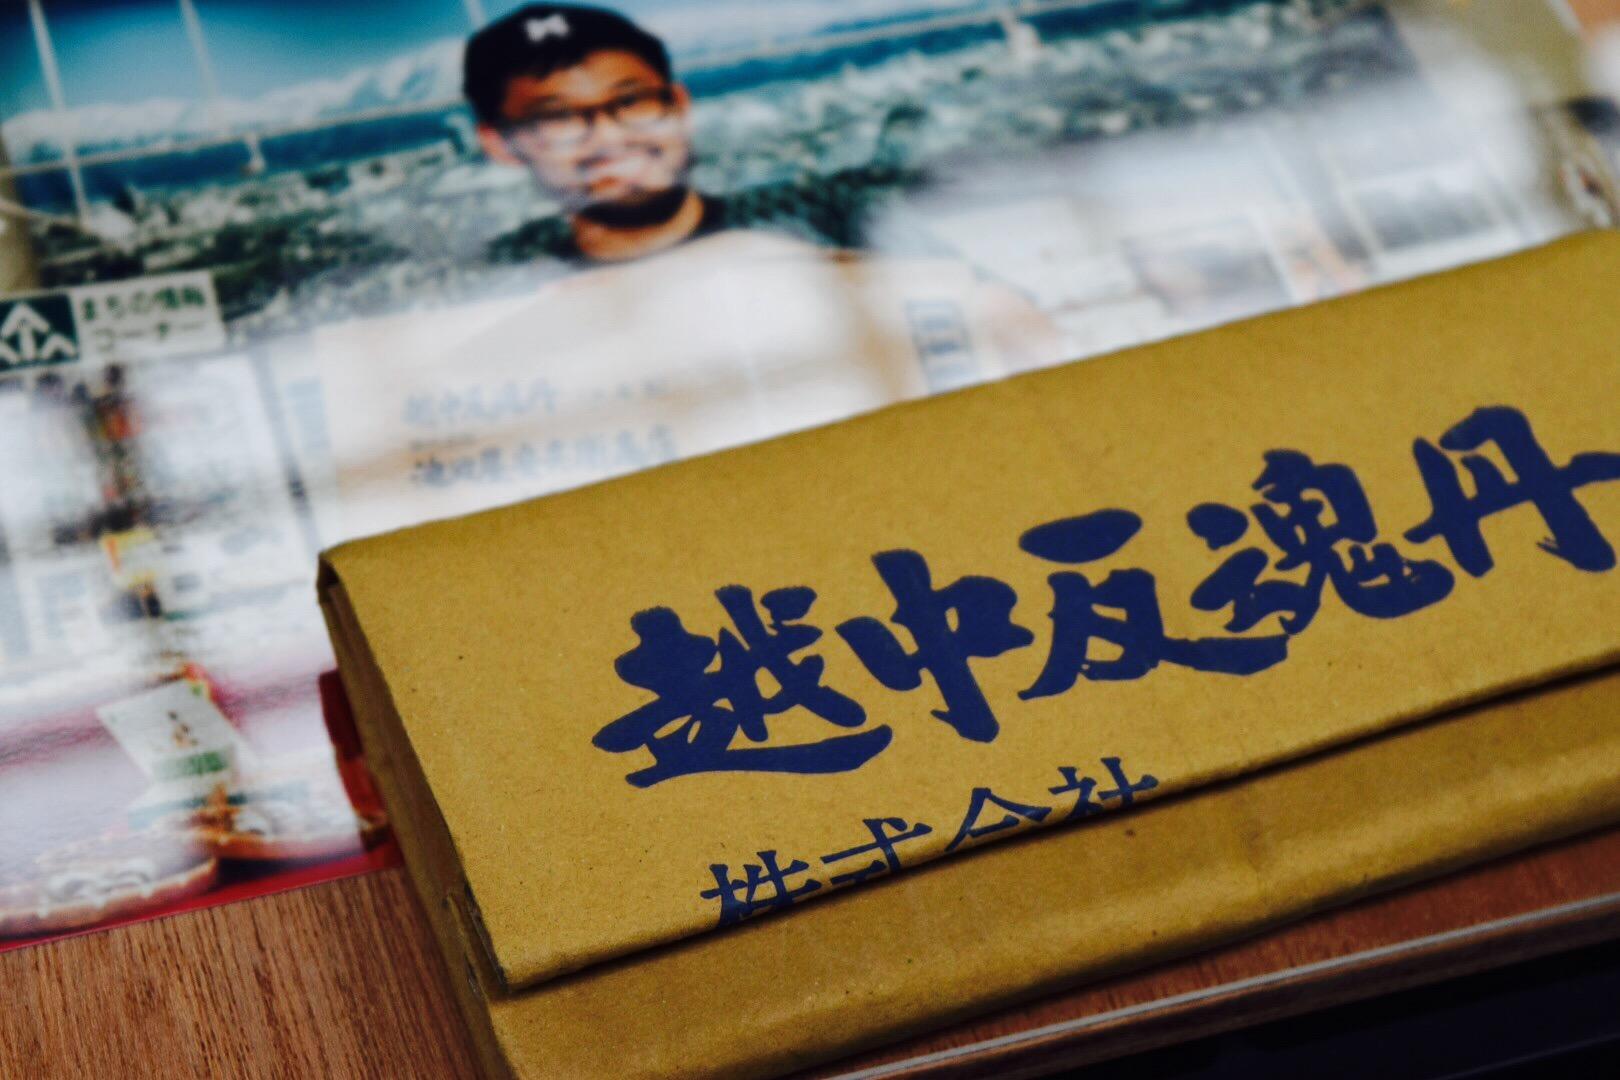 島津さんが段ボールで作った財布